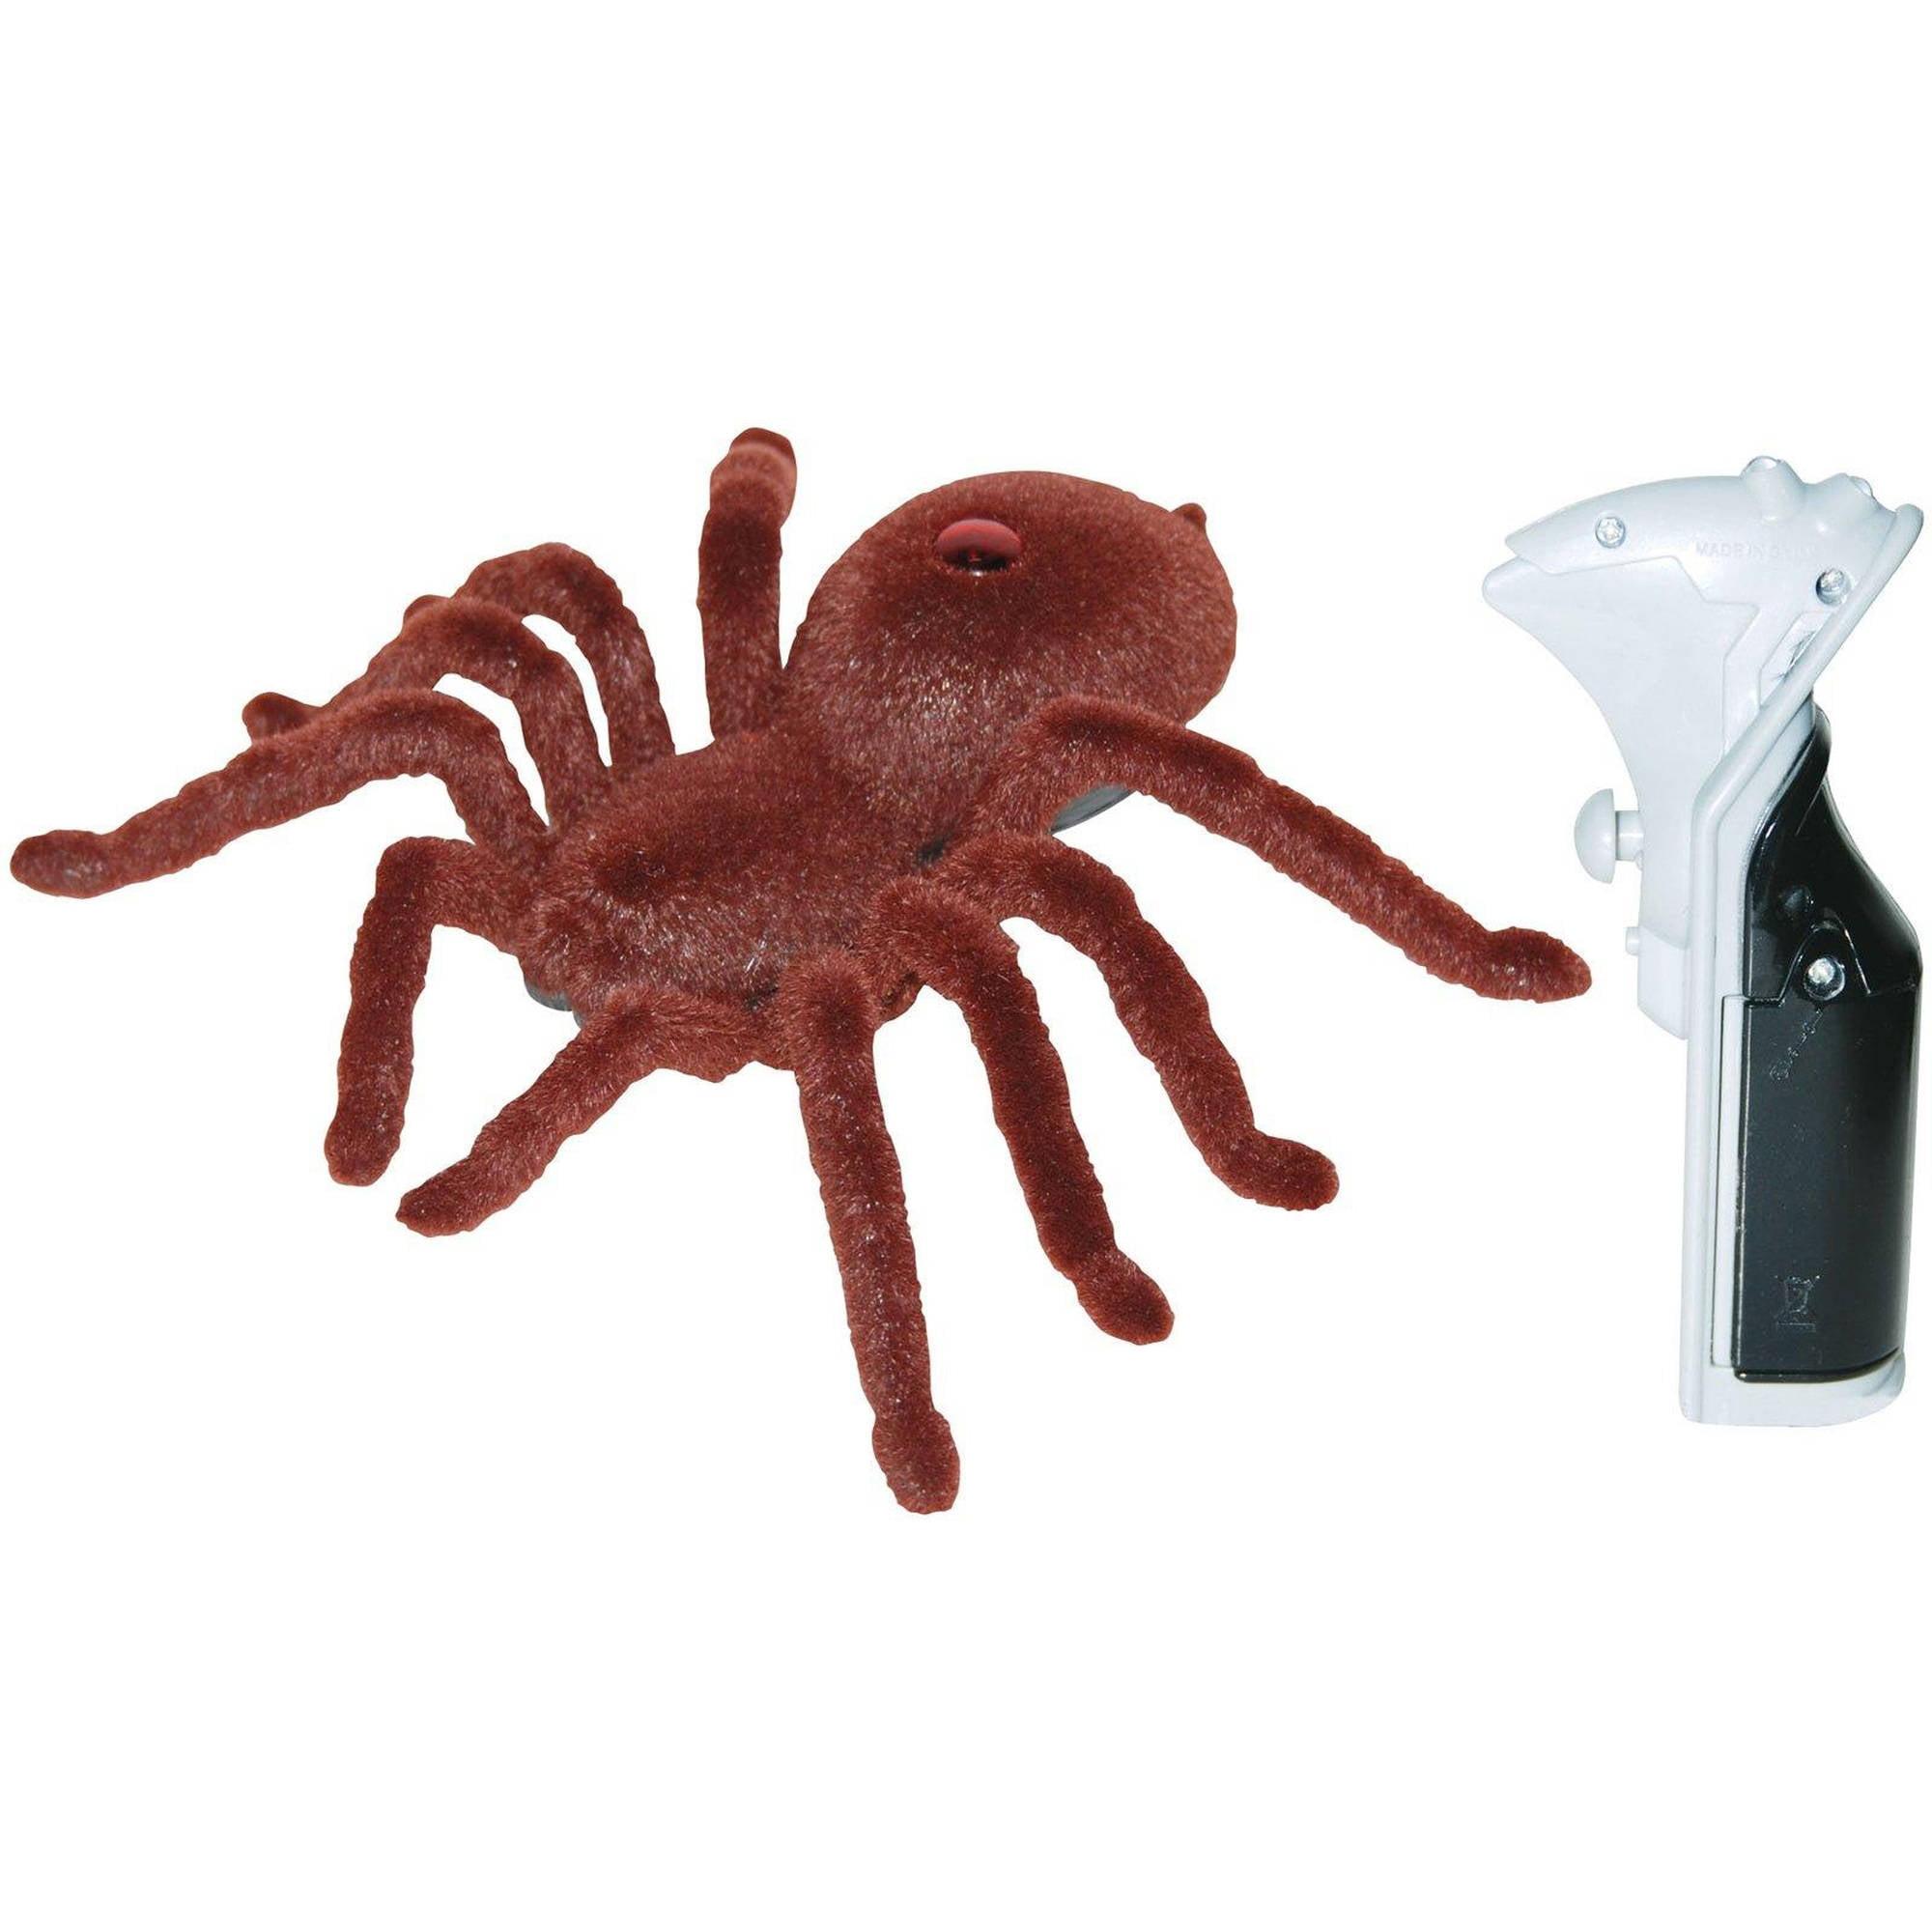 Remote Control Brown Spider Prop